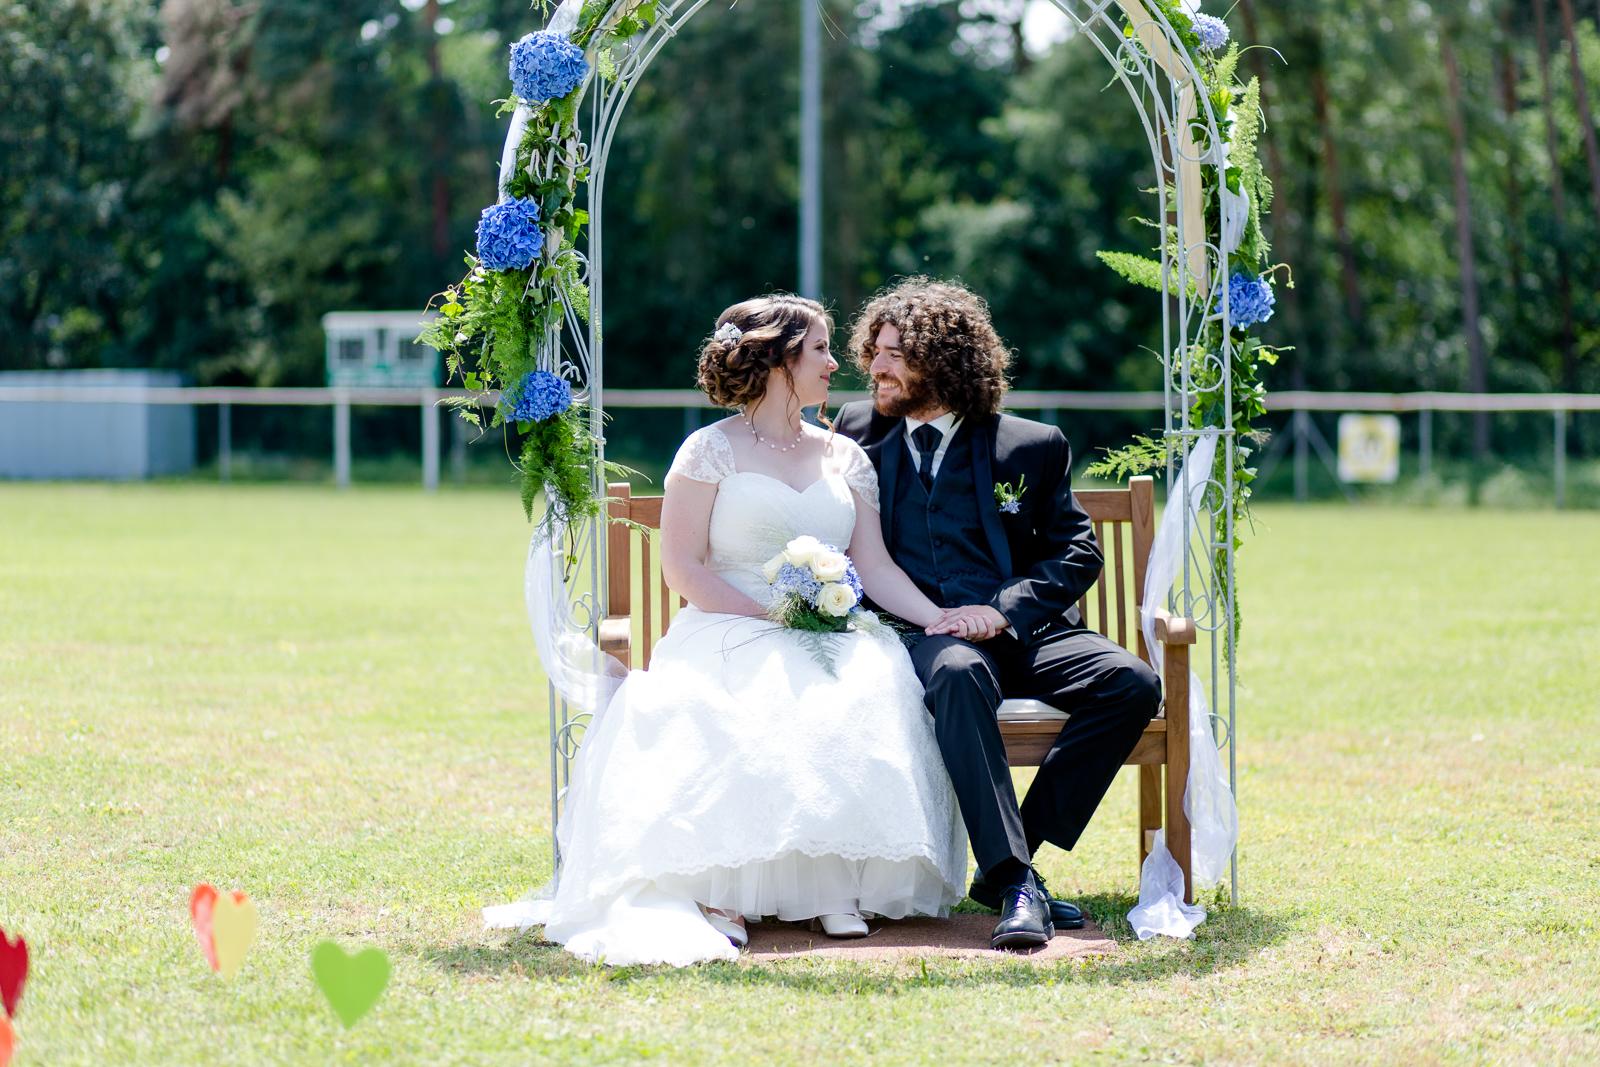 HochzeitMNBestof-36.jpg